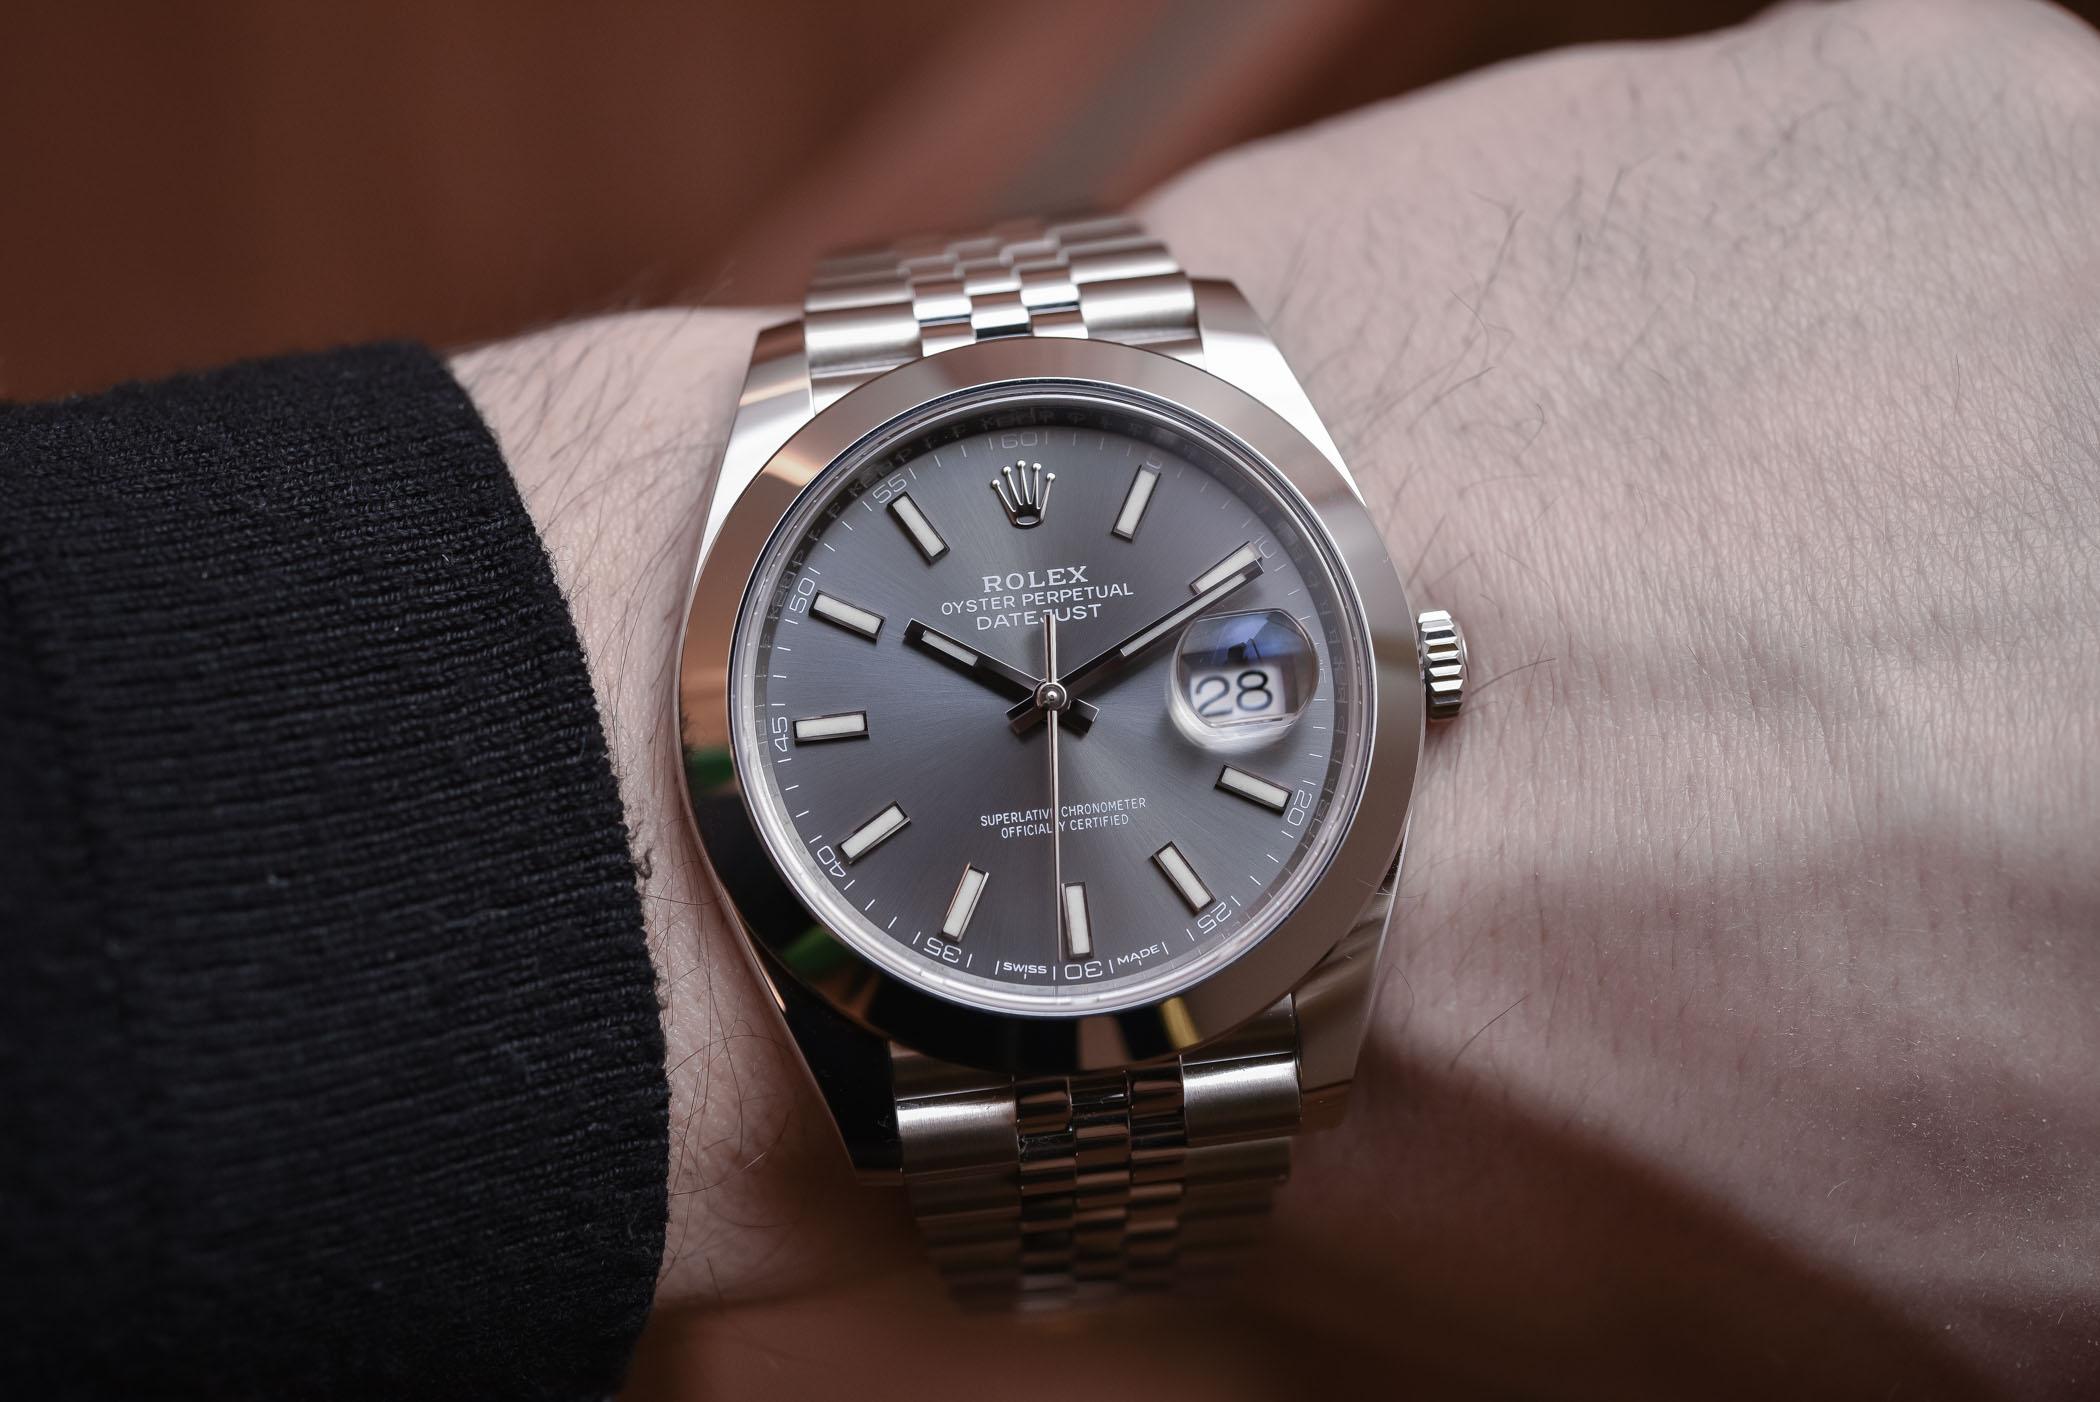 Rolex Datejust 41 steel ref. 126300 jubilee